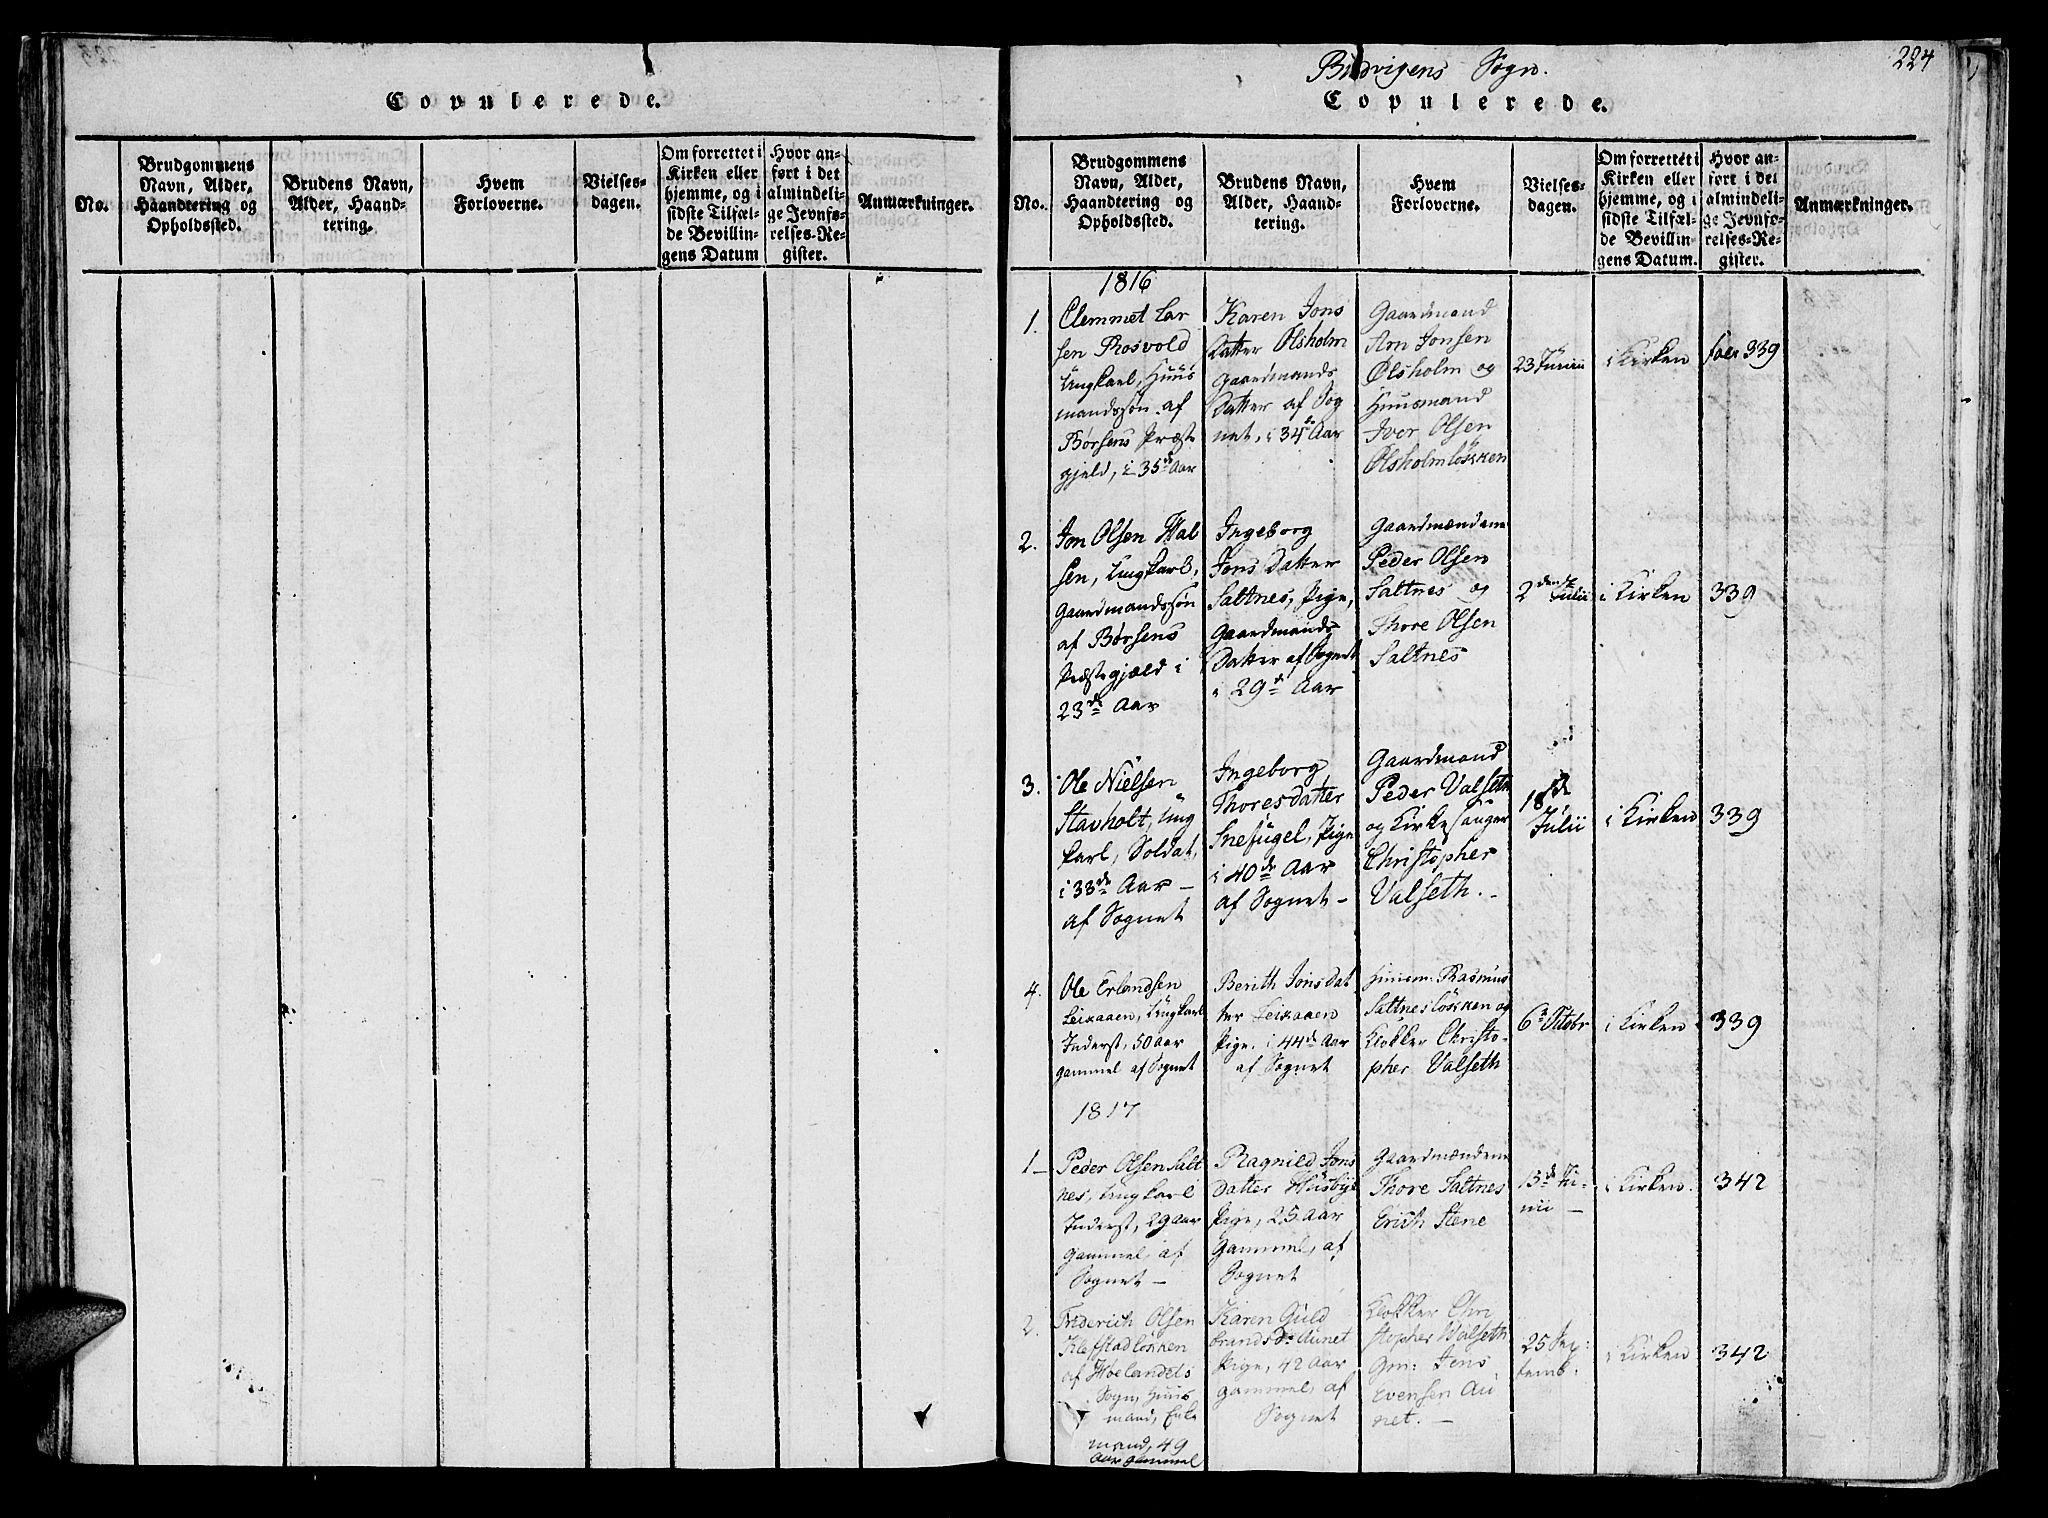 SAT, Ministerialprotokoller, klokkerbøker og fødselsregistre - Sør-Trøndelag, 612/L0373: Ministerialbok nr. 612A06 /2, 1816-1828, s. 224